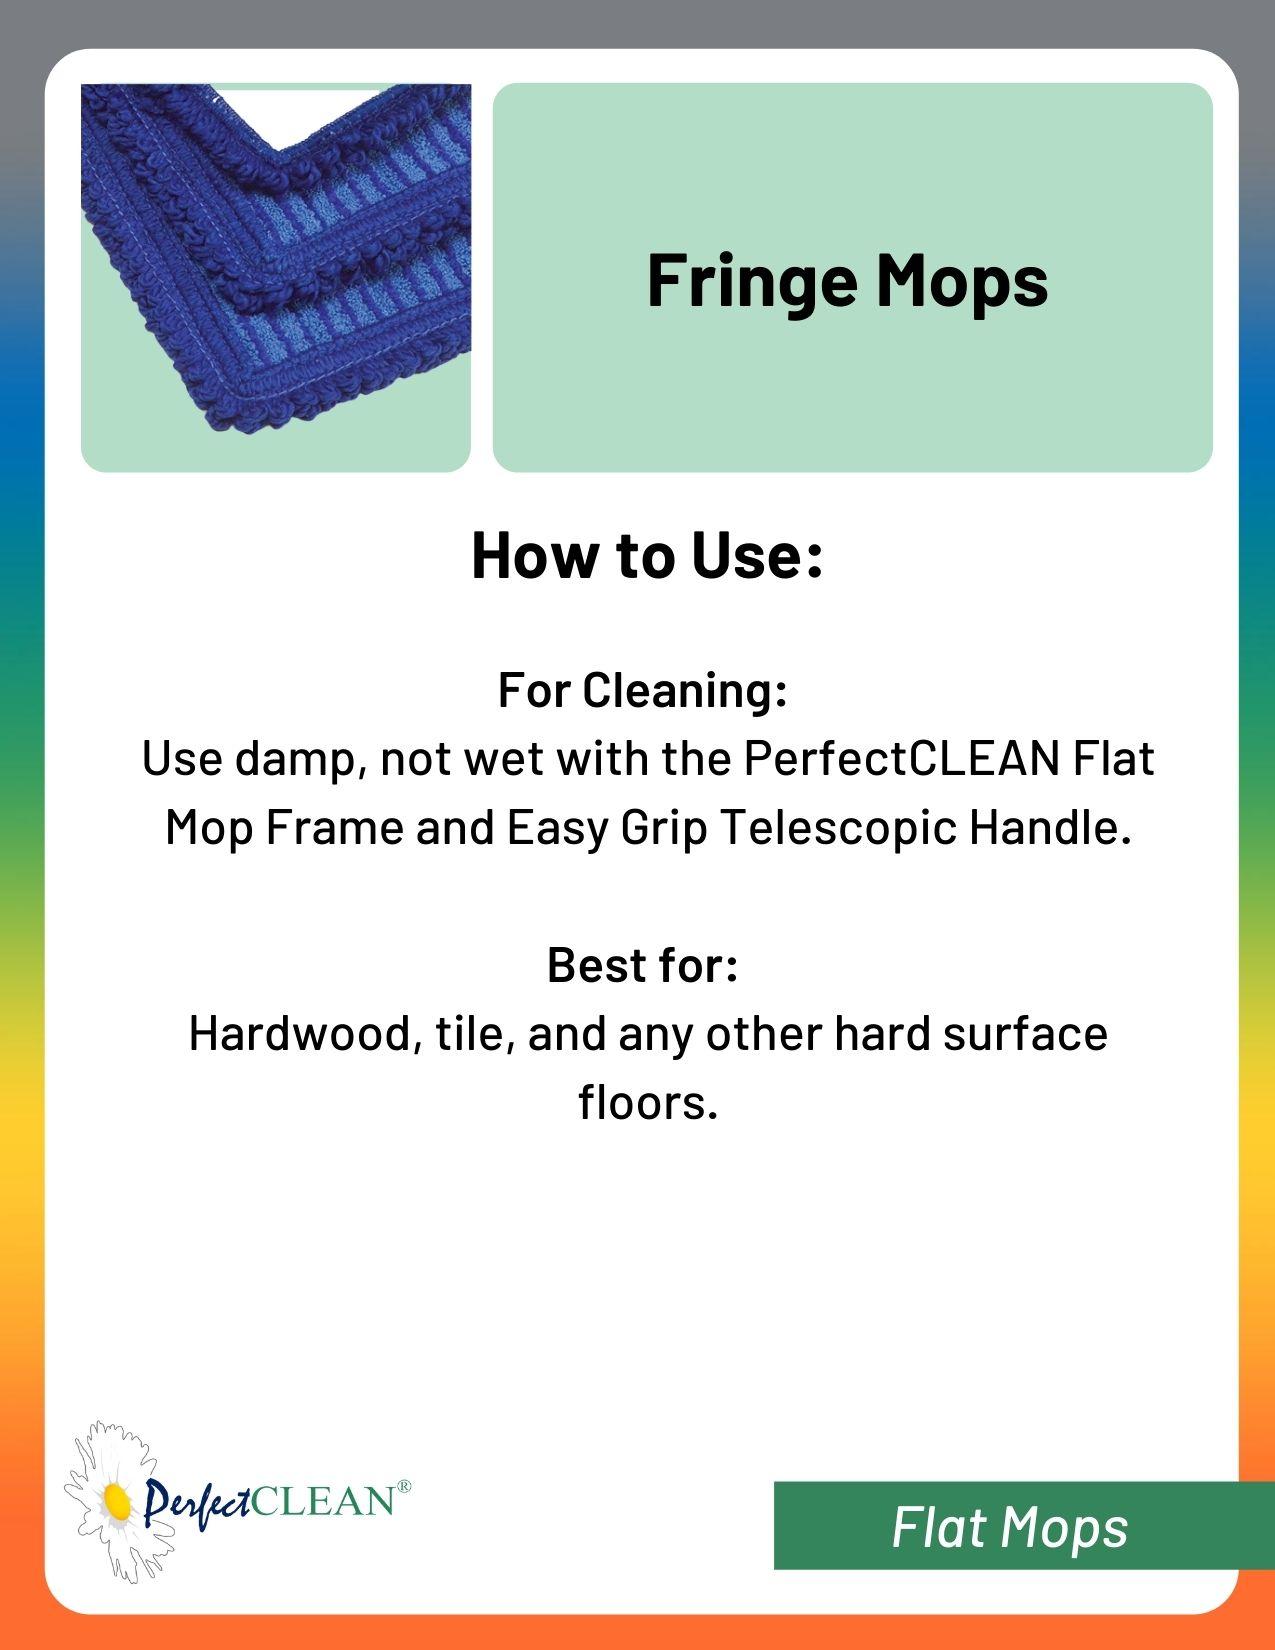 Fringe Mops product card image